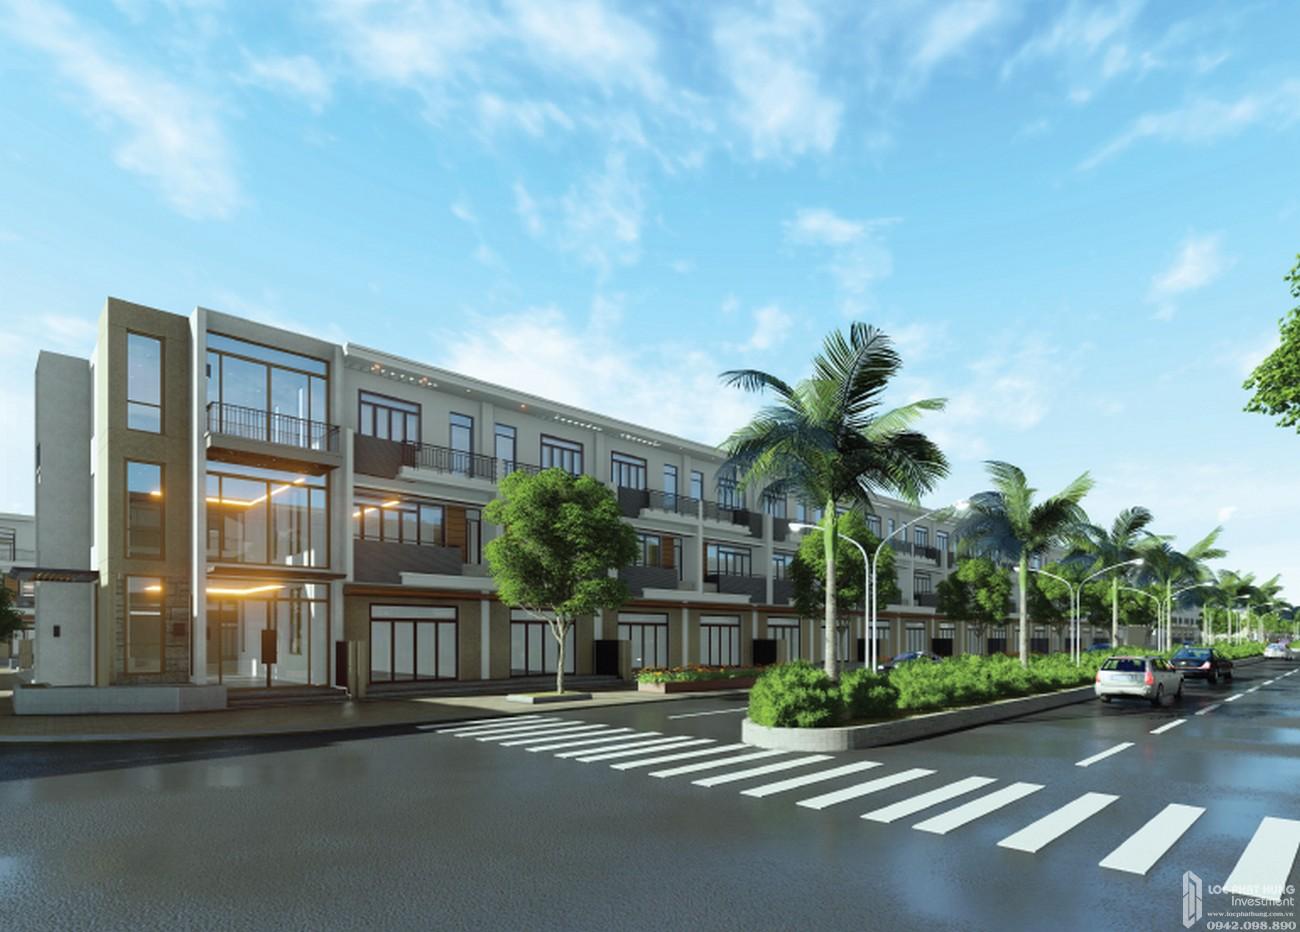 Phối cảnh dự án đất nền nhà phố The Sun Residence Nhà Bè Đường Huỳnh Tấn Phát chủ đầu tư Đại Phú Vinh